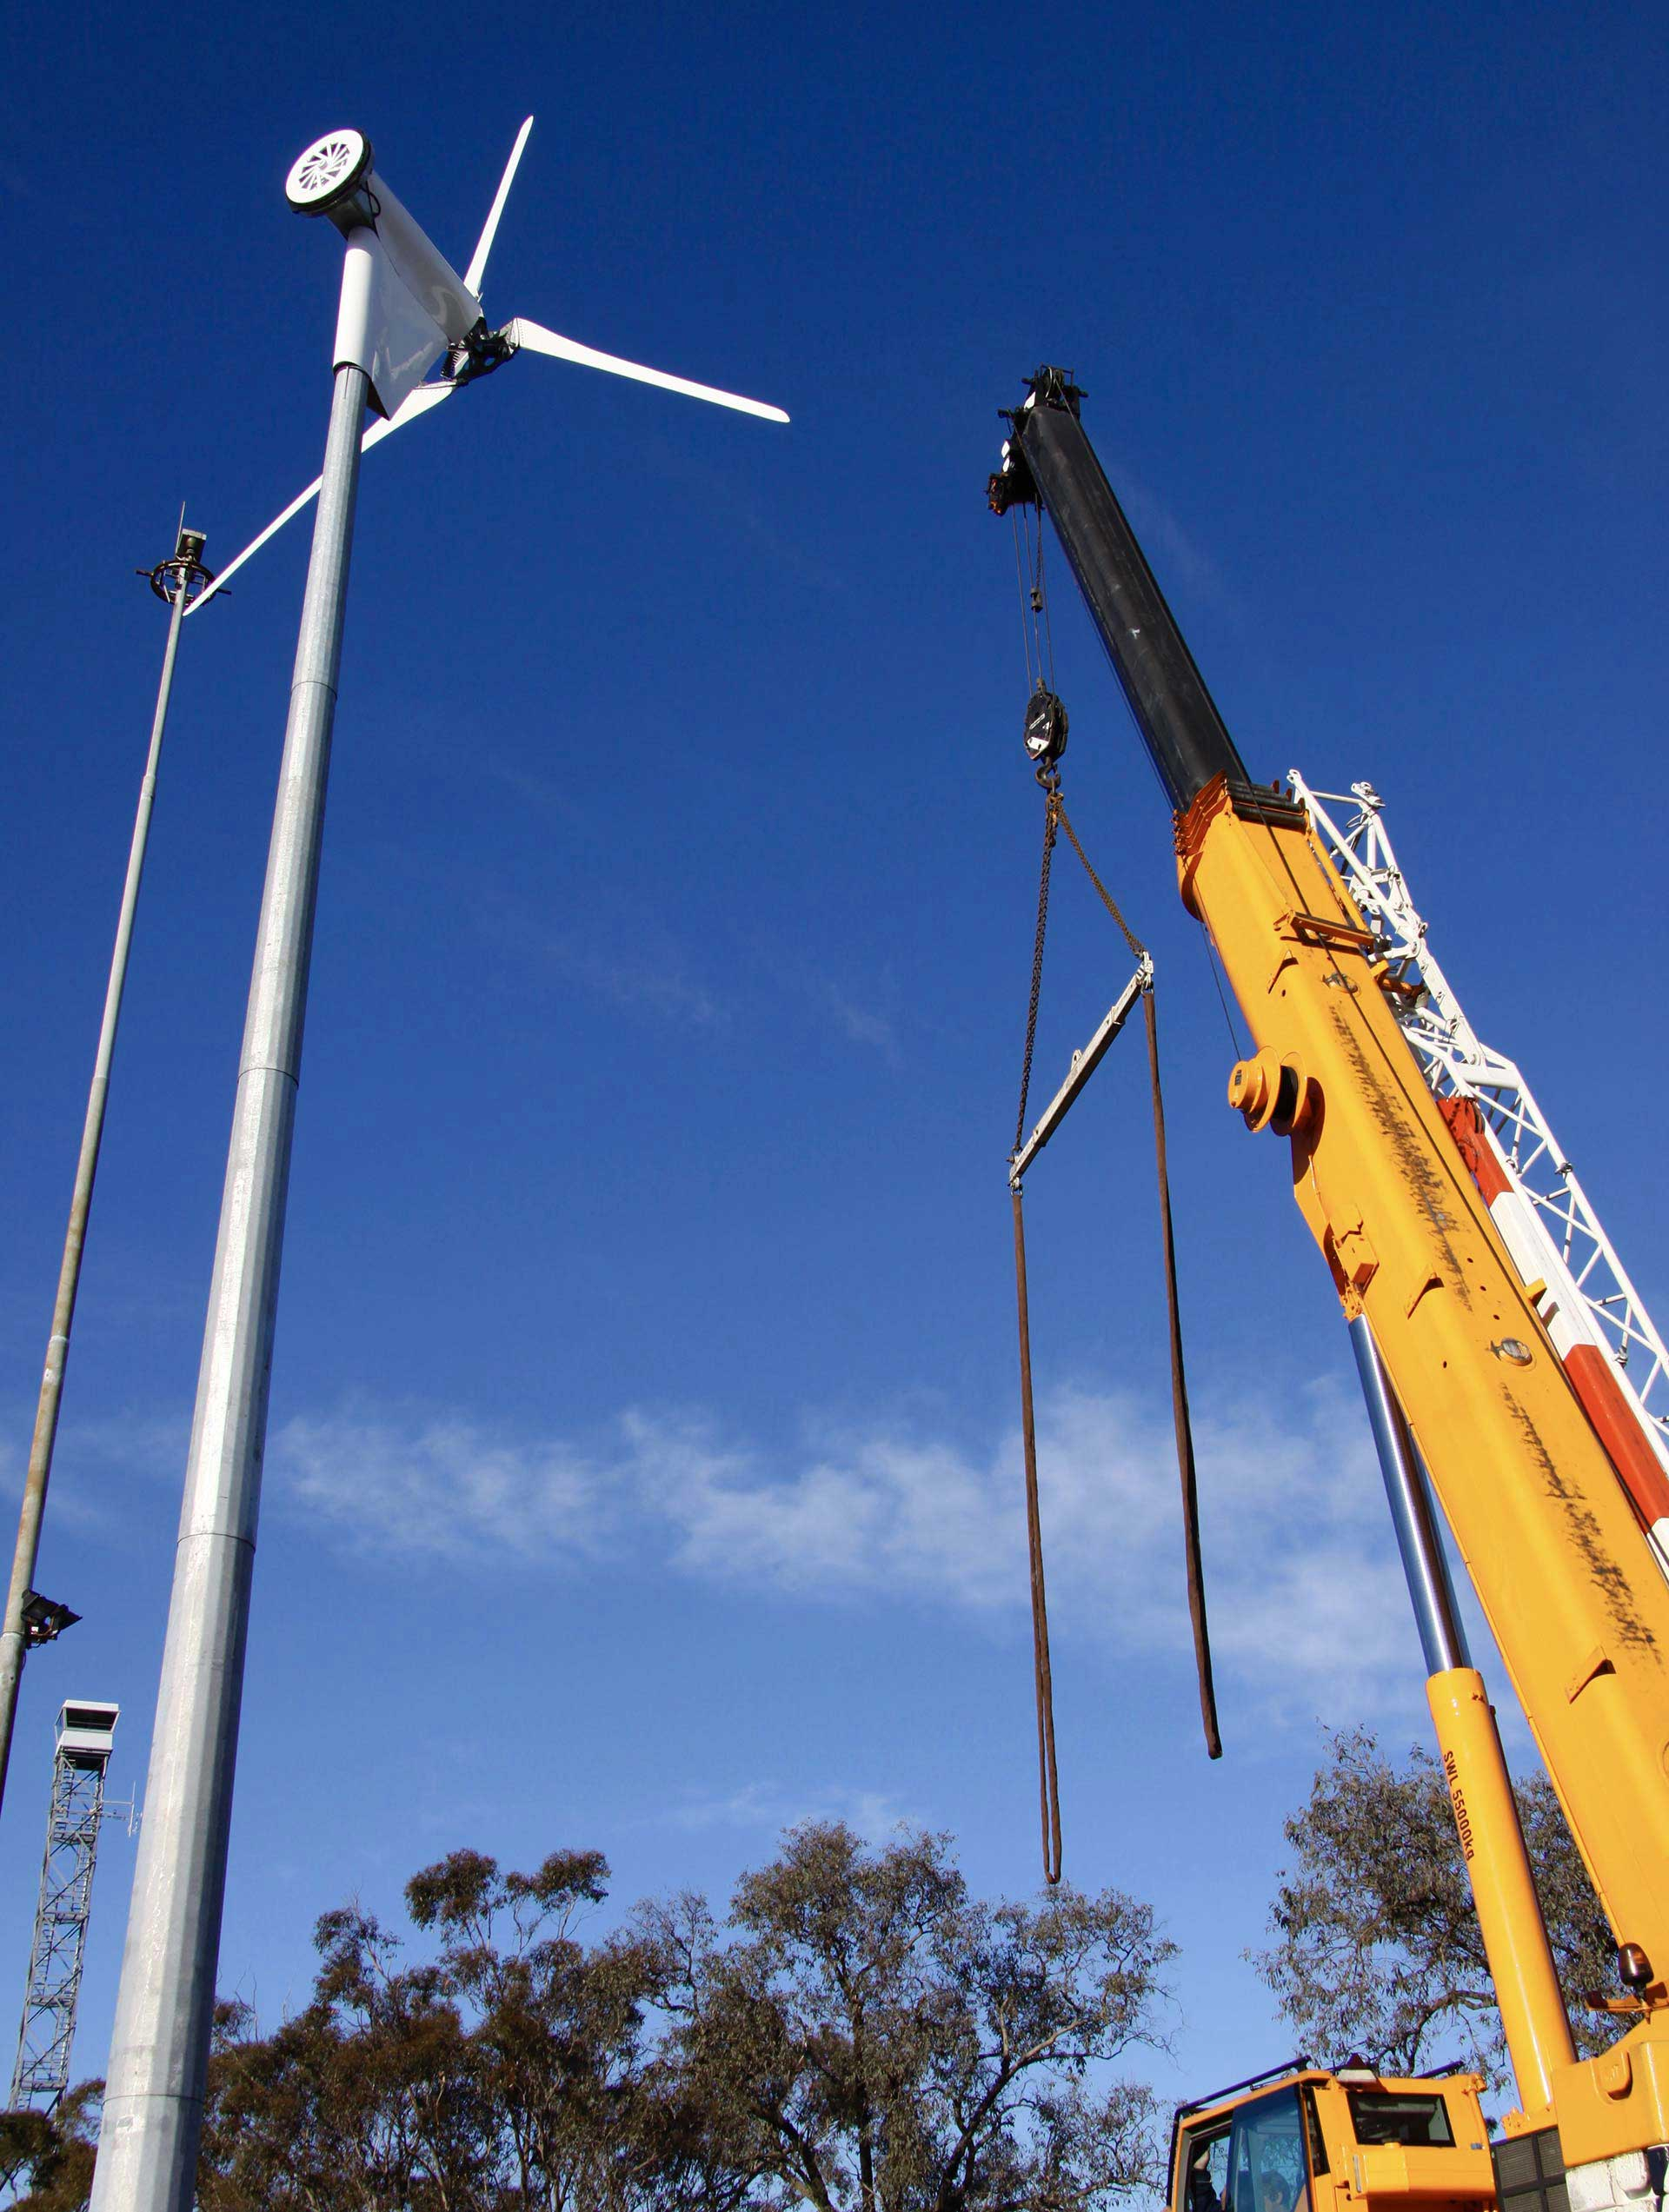 Instalaciones de energía eólica